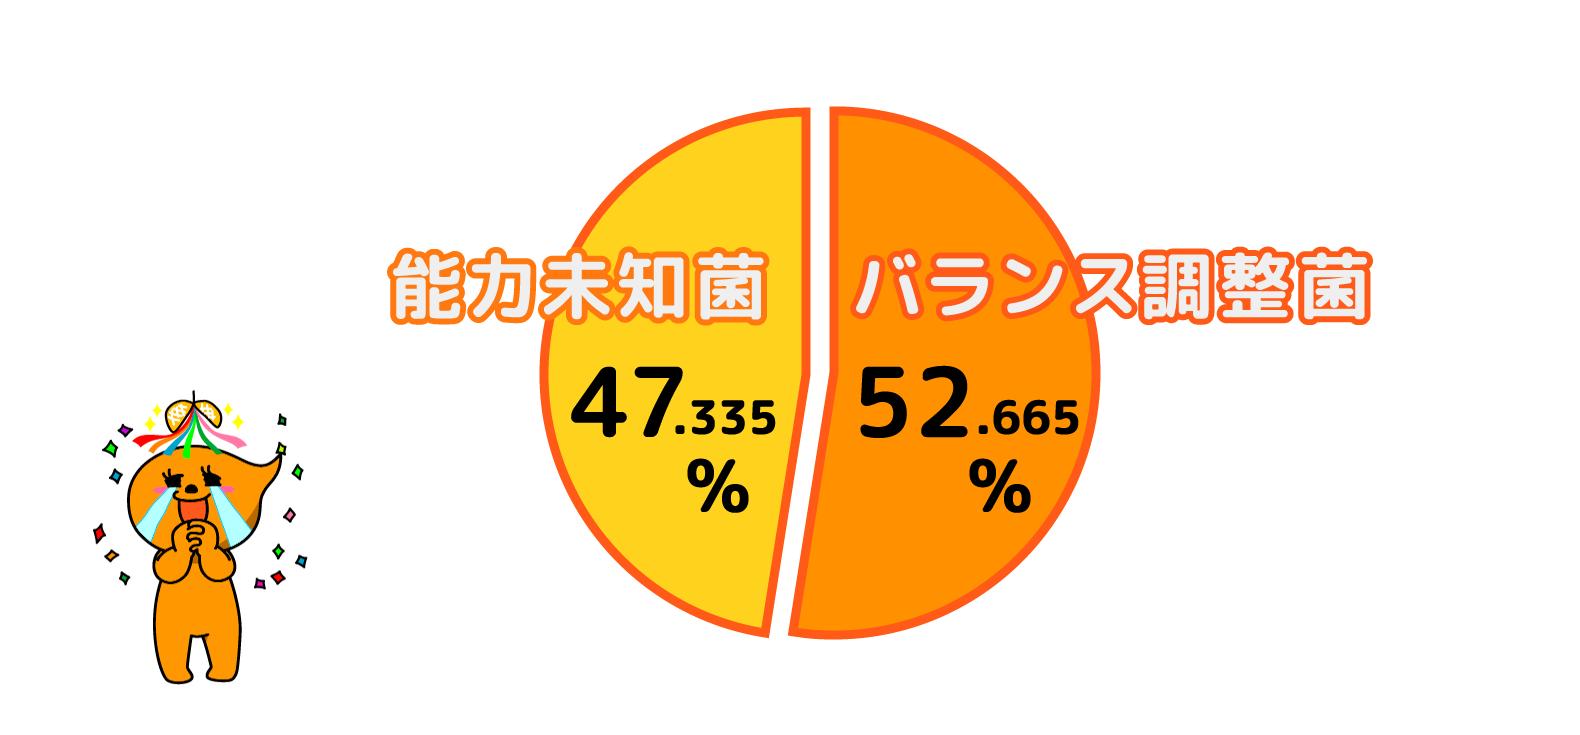 痩せ菌チェックモニター・福田りえさん・腸内フローラバランス